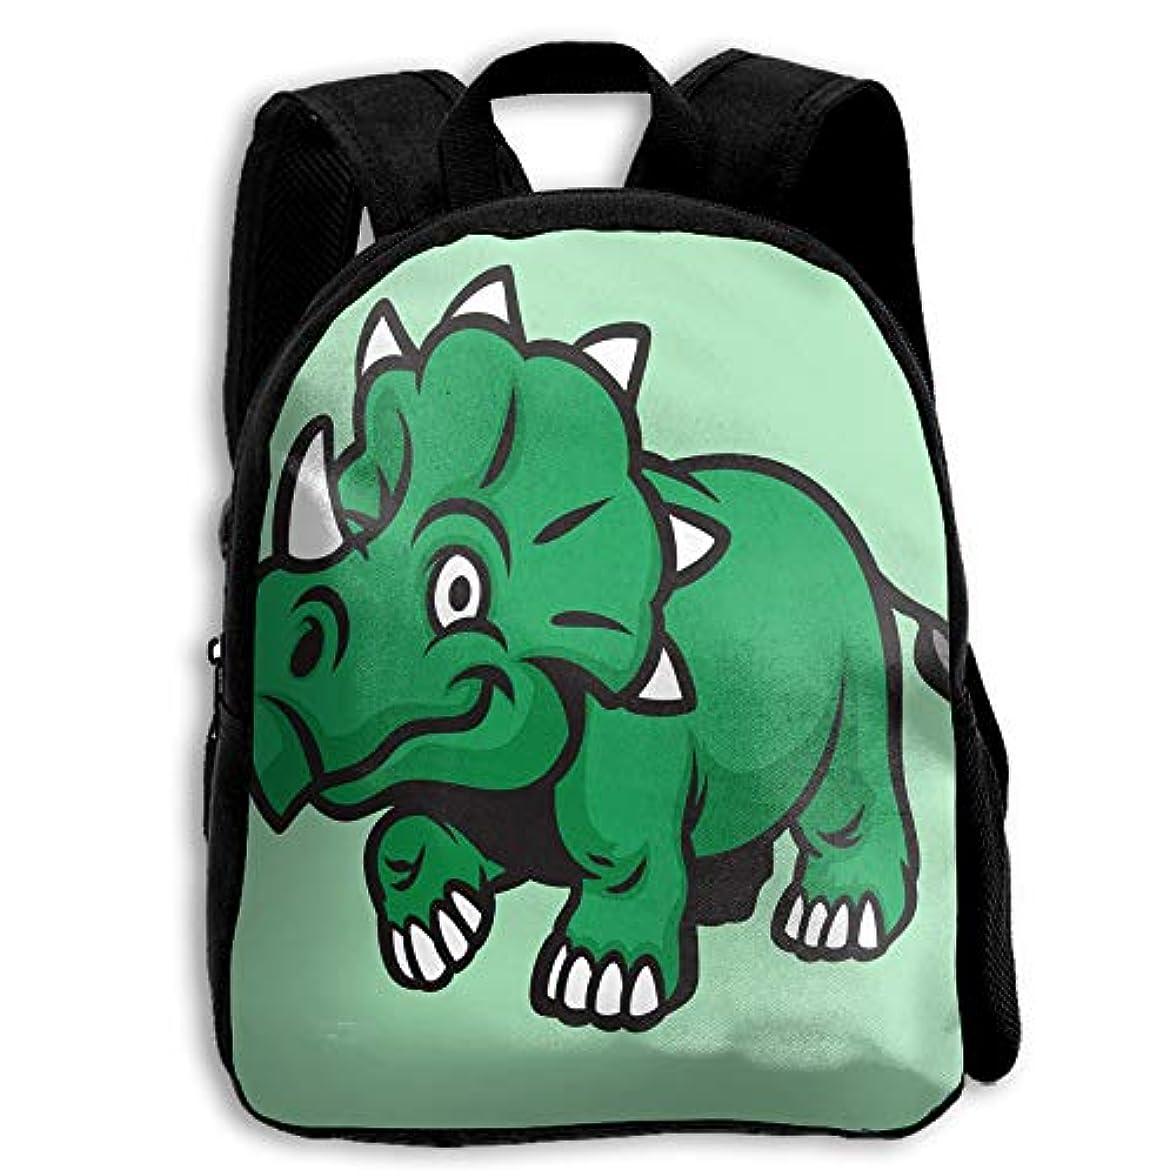 うそつきブーム指紋キッズ リュックサック バックパック キッズバッグ 子供用のバッグ キッズリュック 学生 動物柄 恐竜 素食 アウトドア 通学 ハイキング 遠足